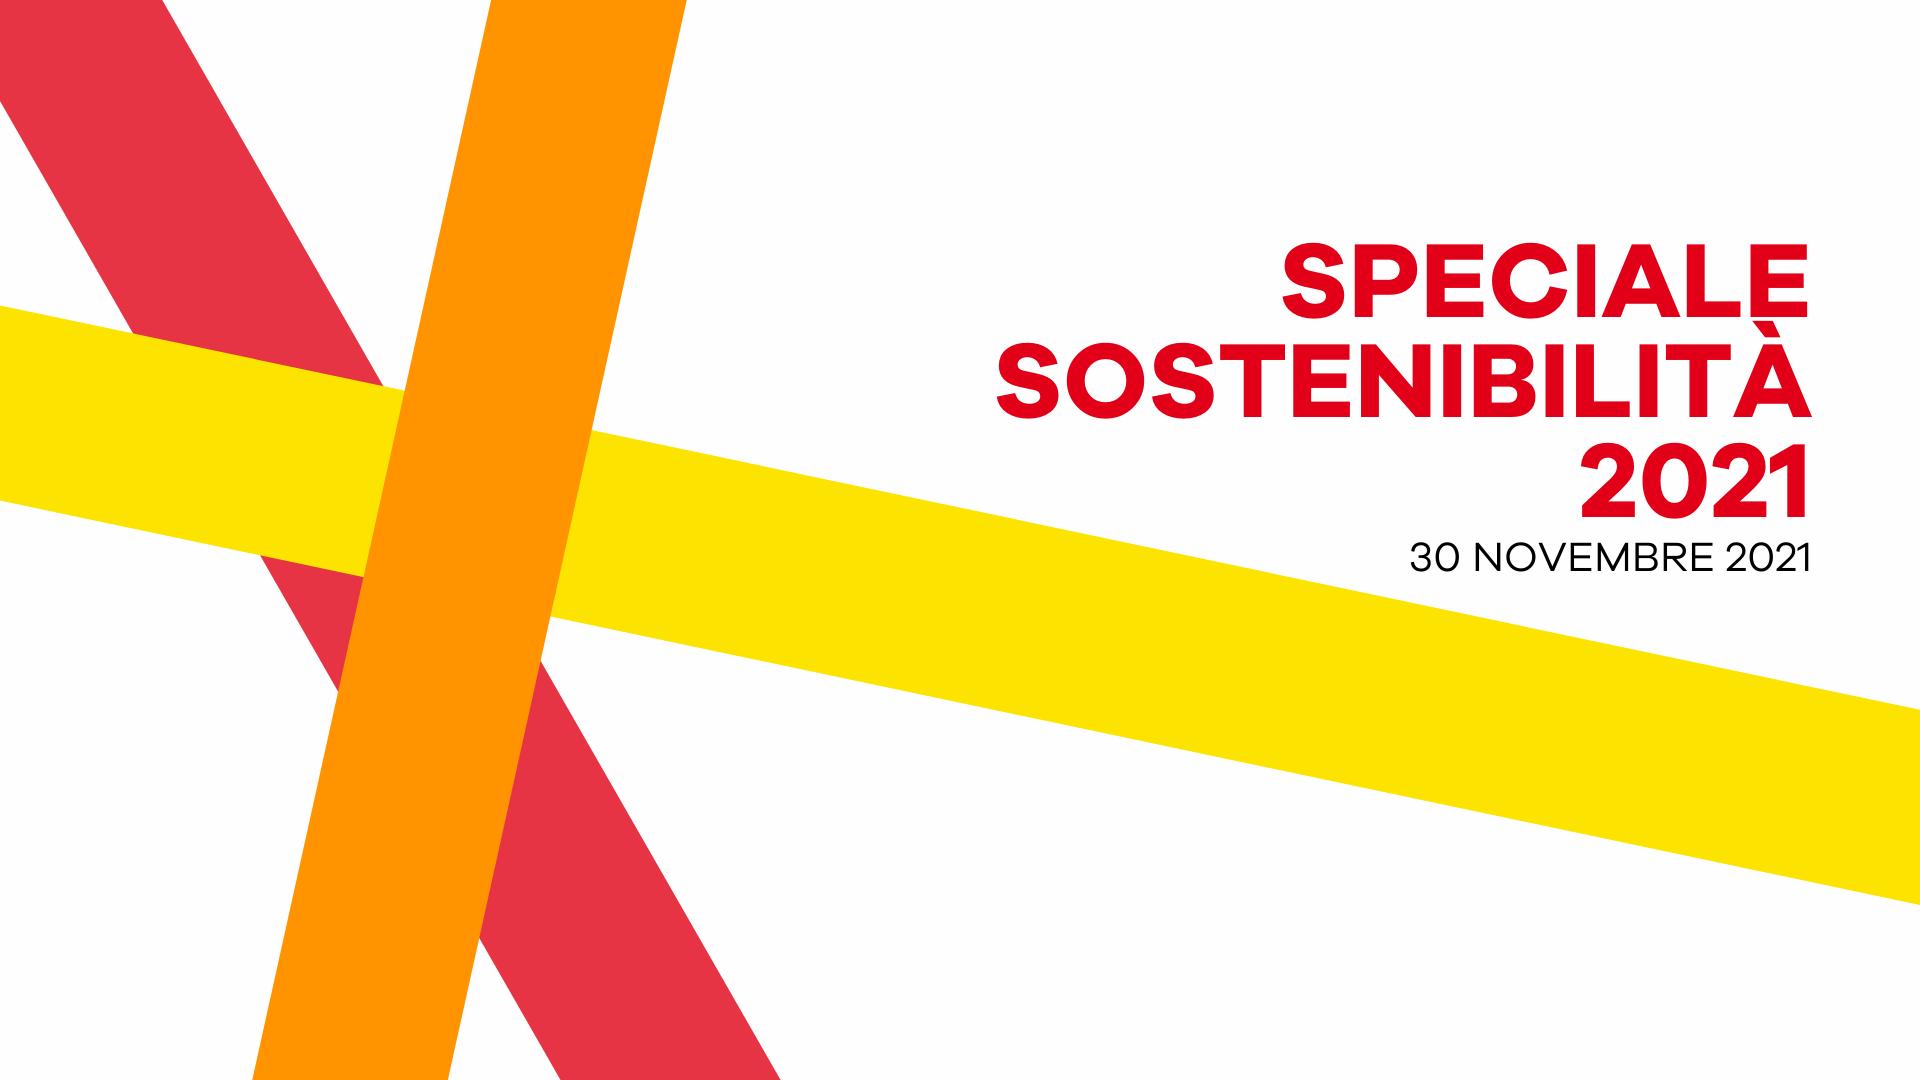 Speciale Sostenibilità 2021 Online